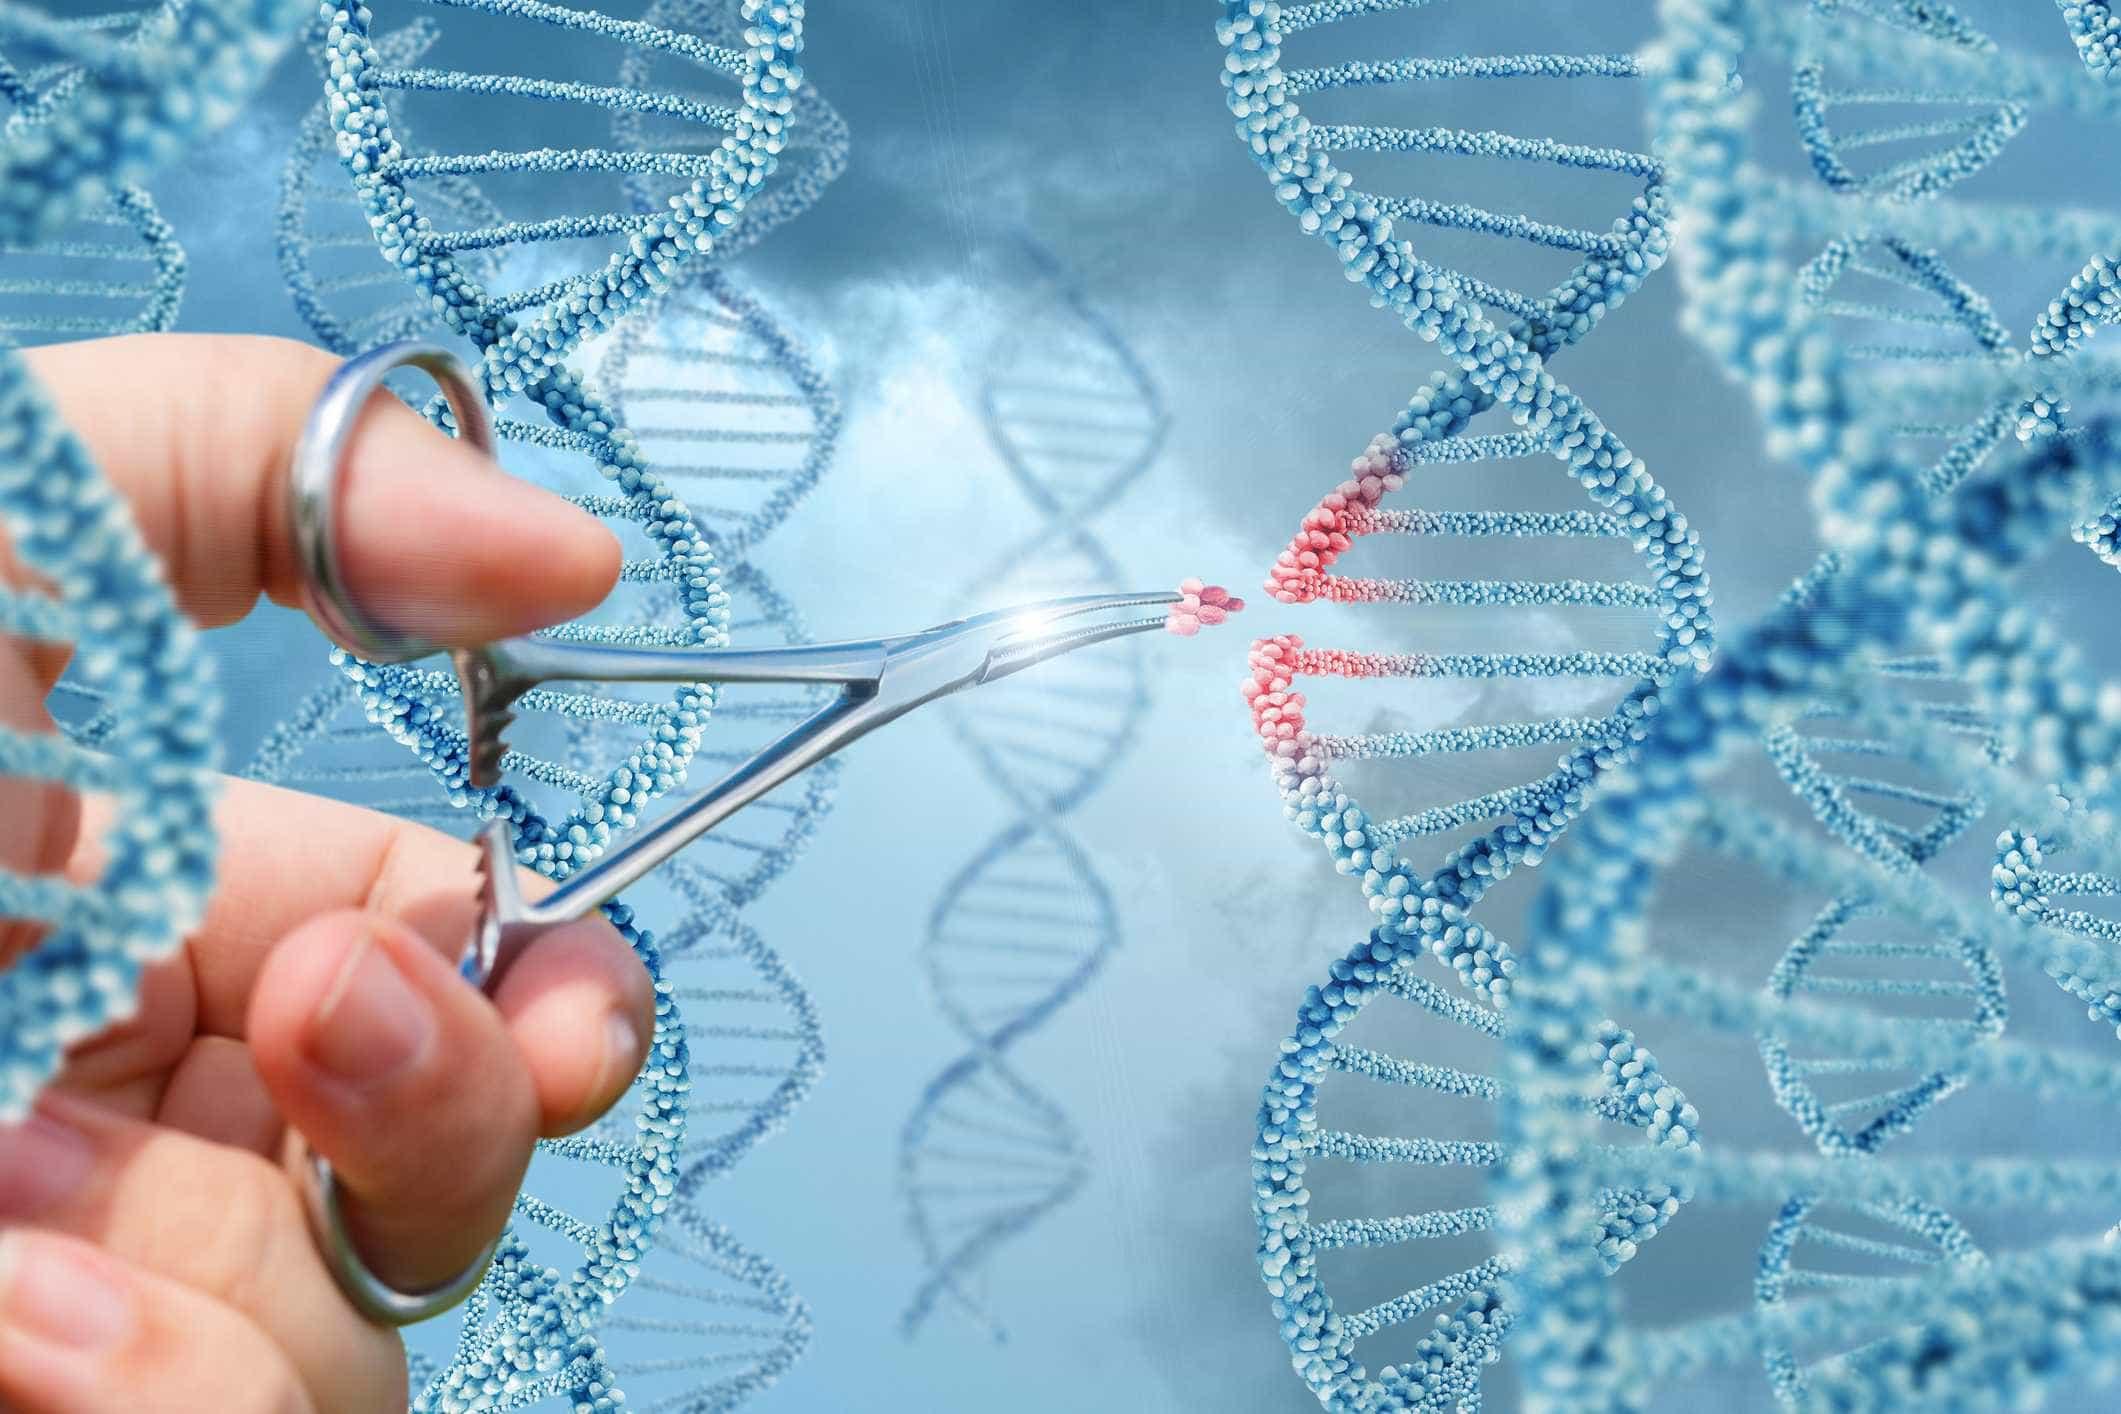 Autorizados testes de ADN a médico que será pai biológico de 200 pessoas